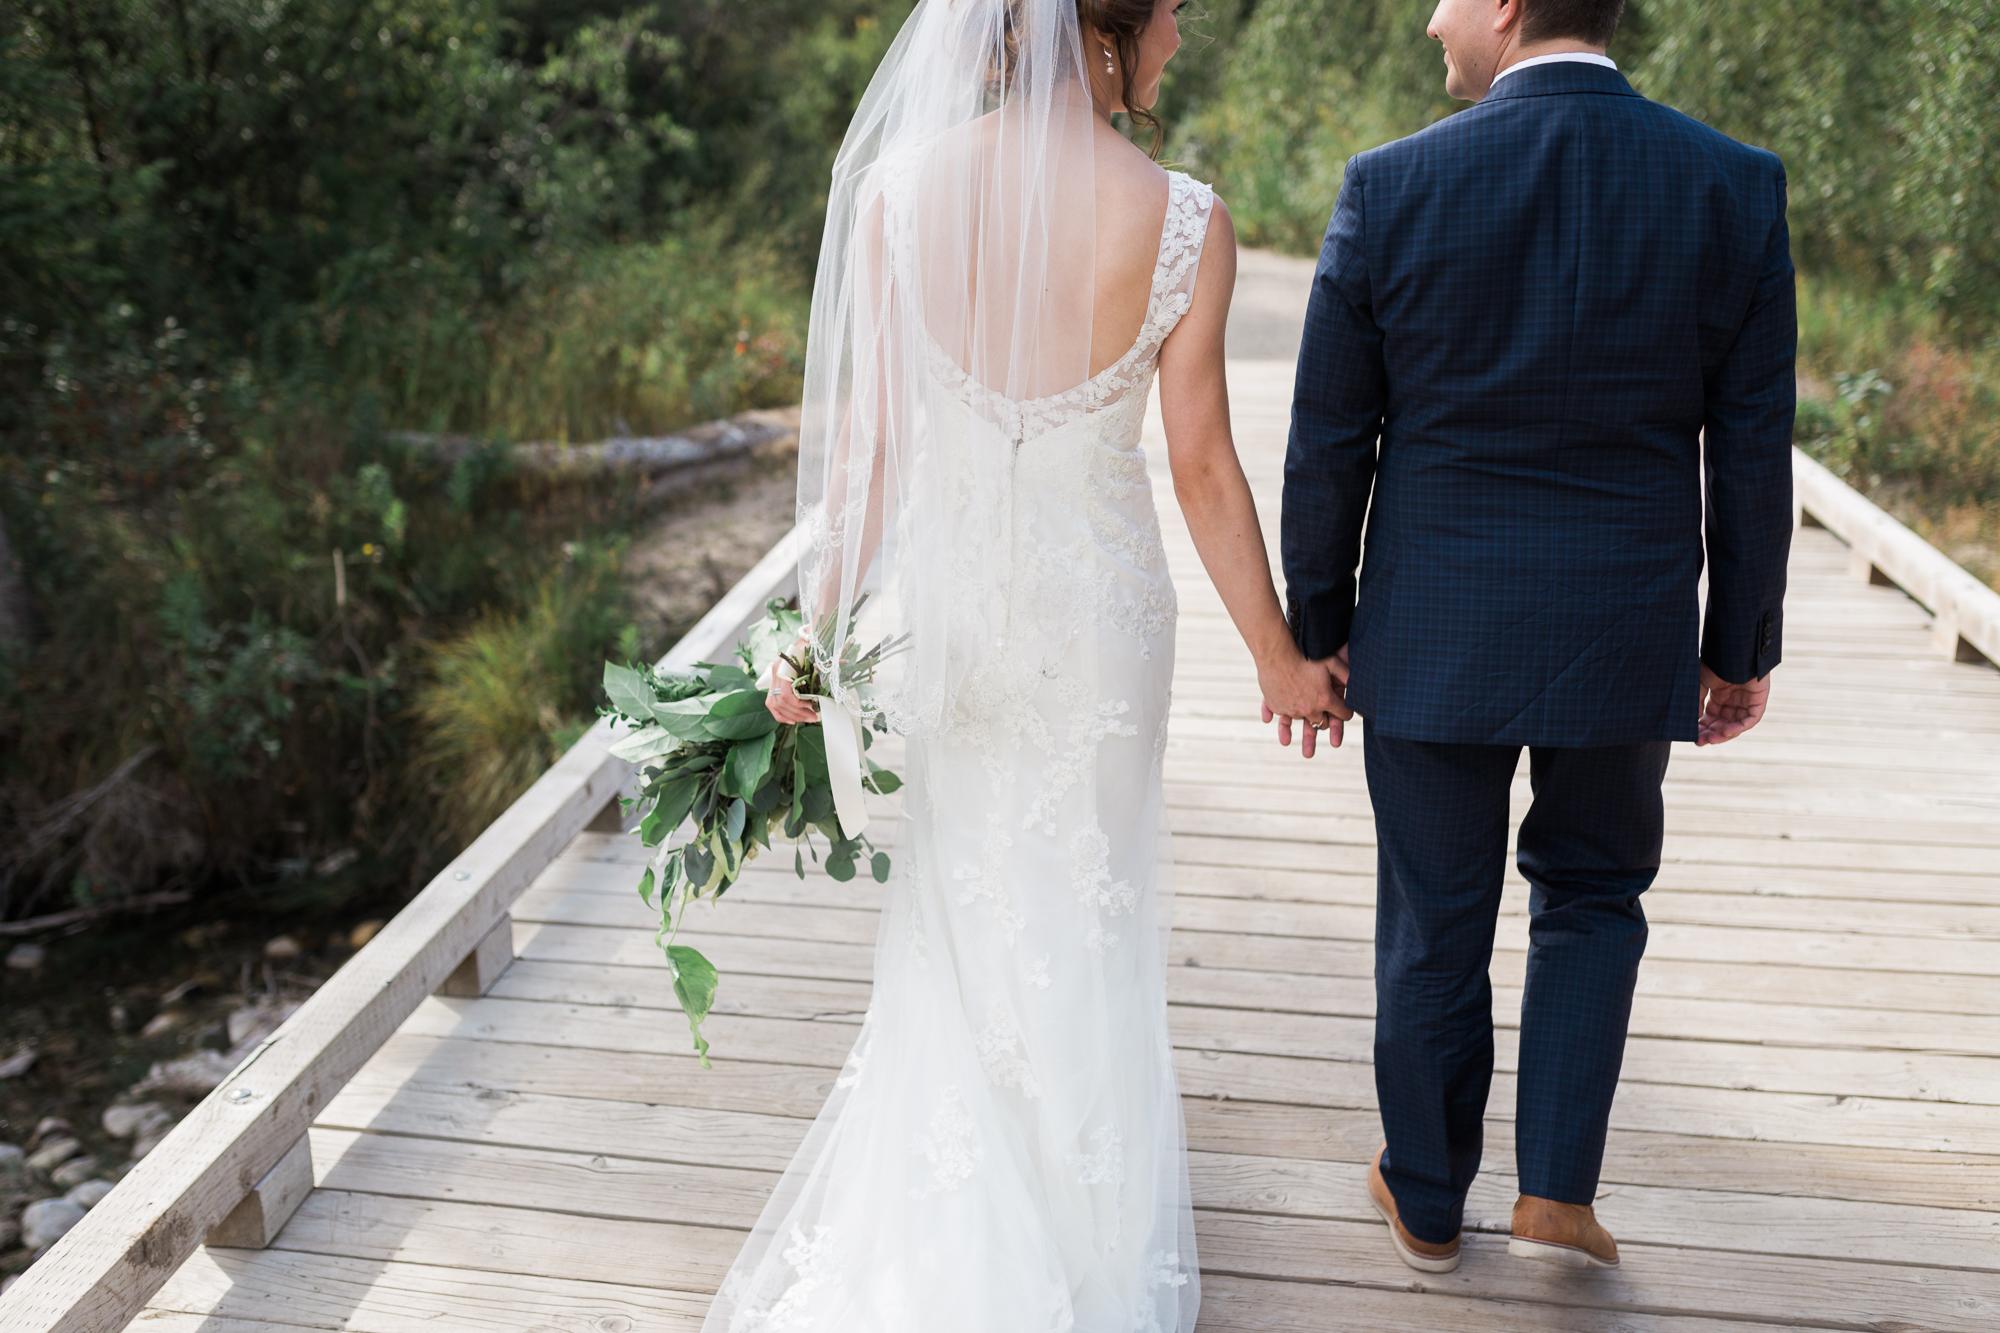 Deanna-Rachel-Photography-calgary-Wedding-photographer-jm-42.jpg